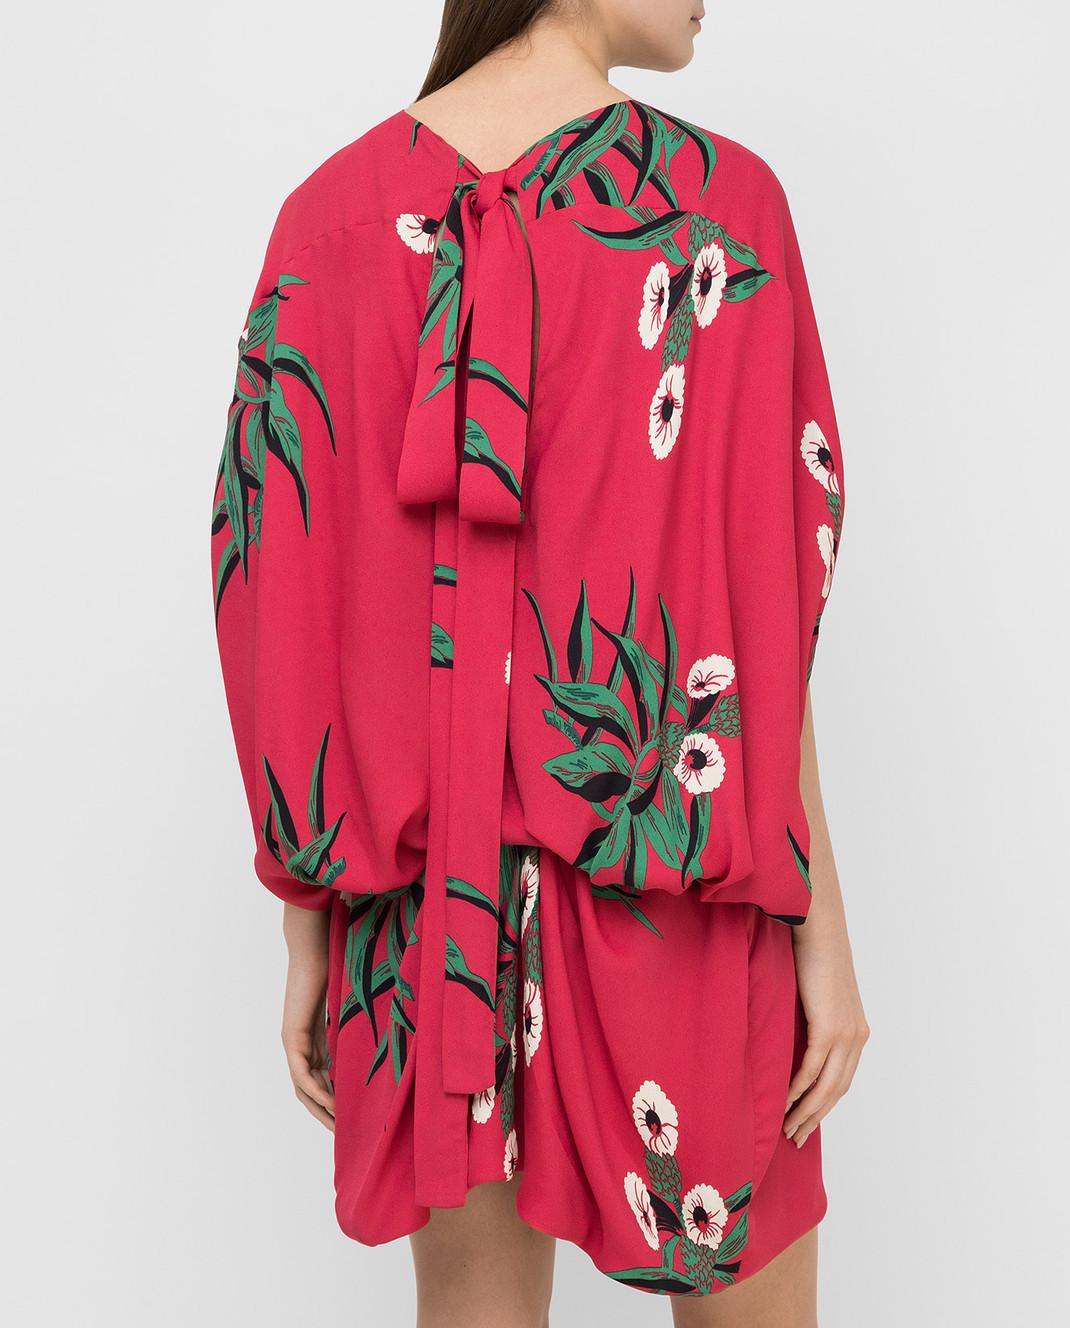 Marni Малиновое платье ABMAR17U00TV392 изображение 4